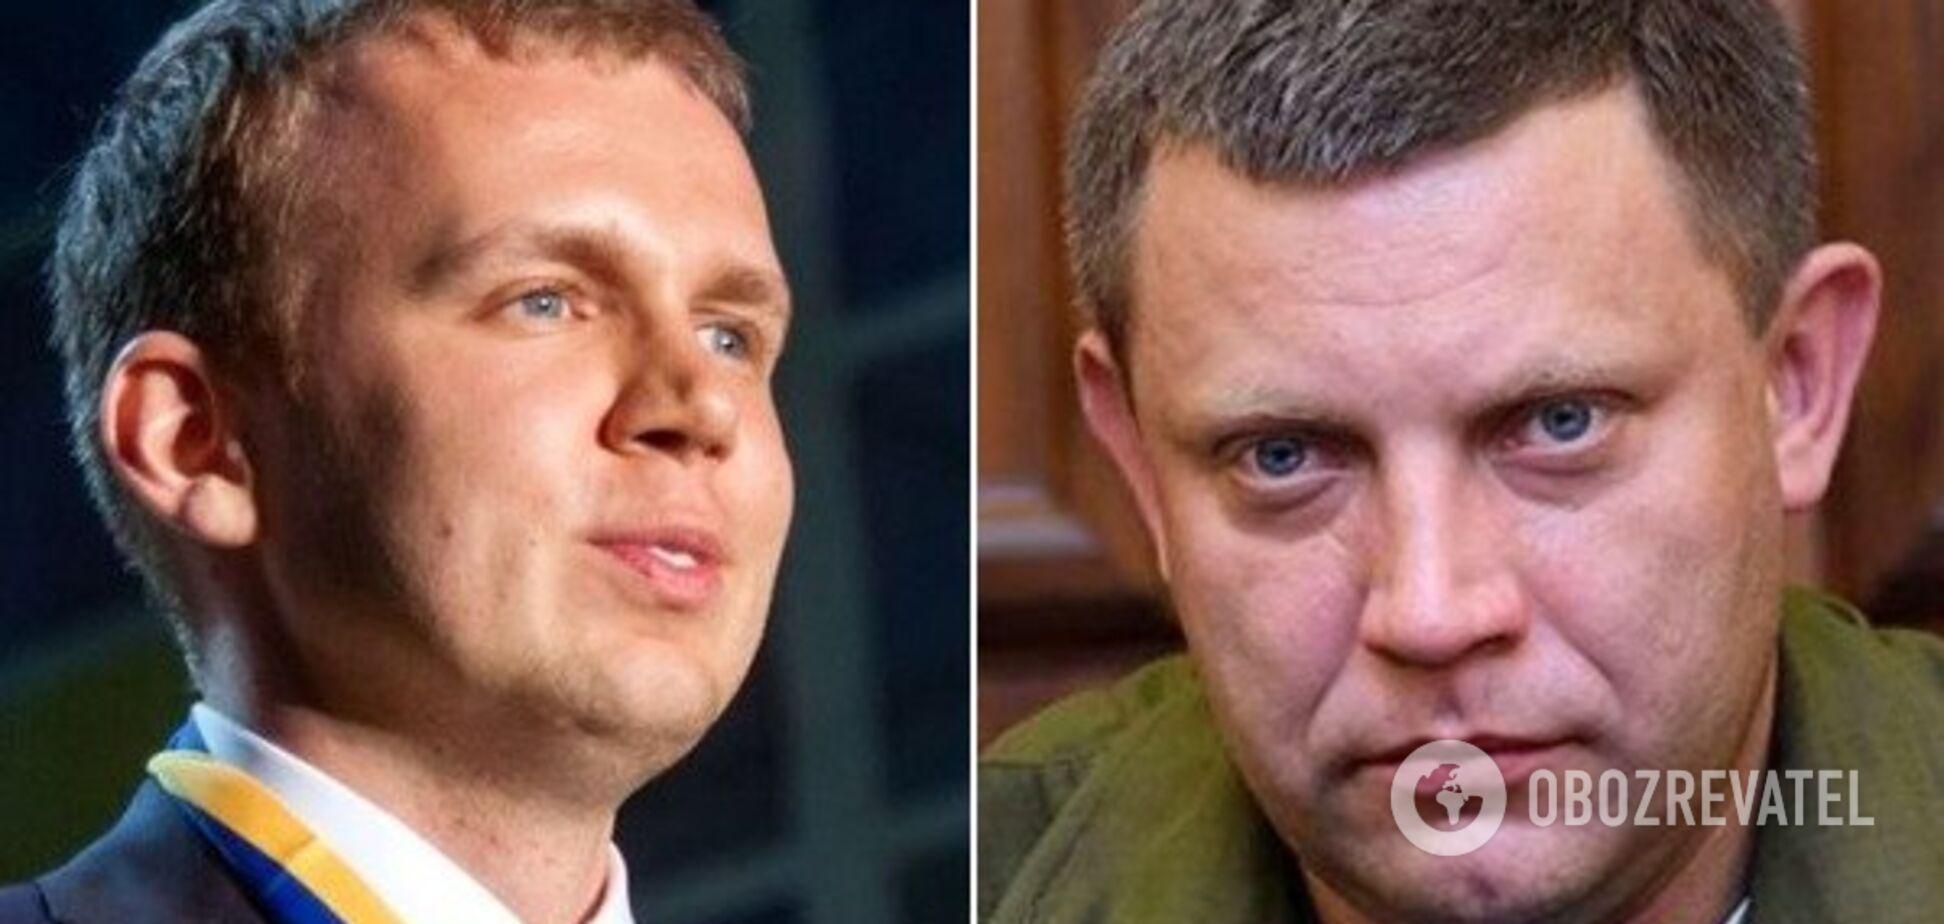 Сергій Курченко і Олександр Захарченко